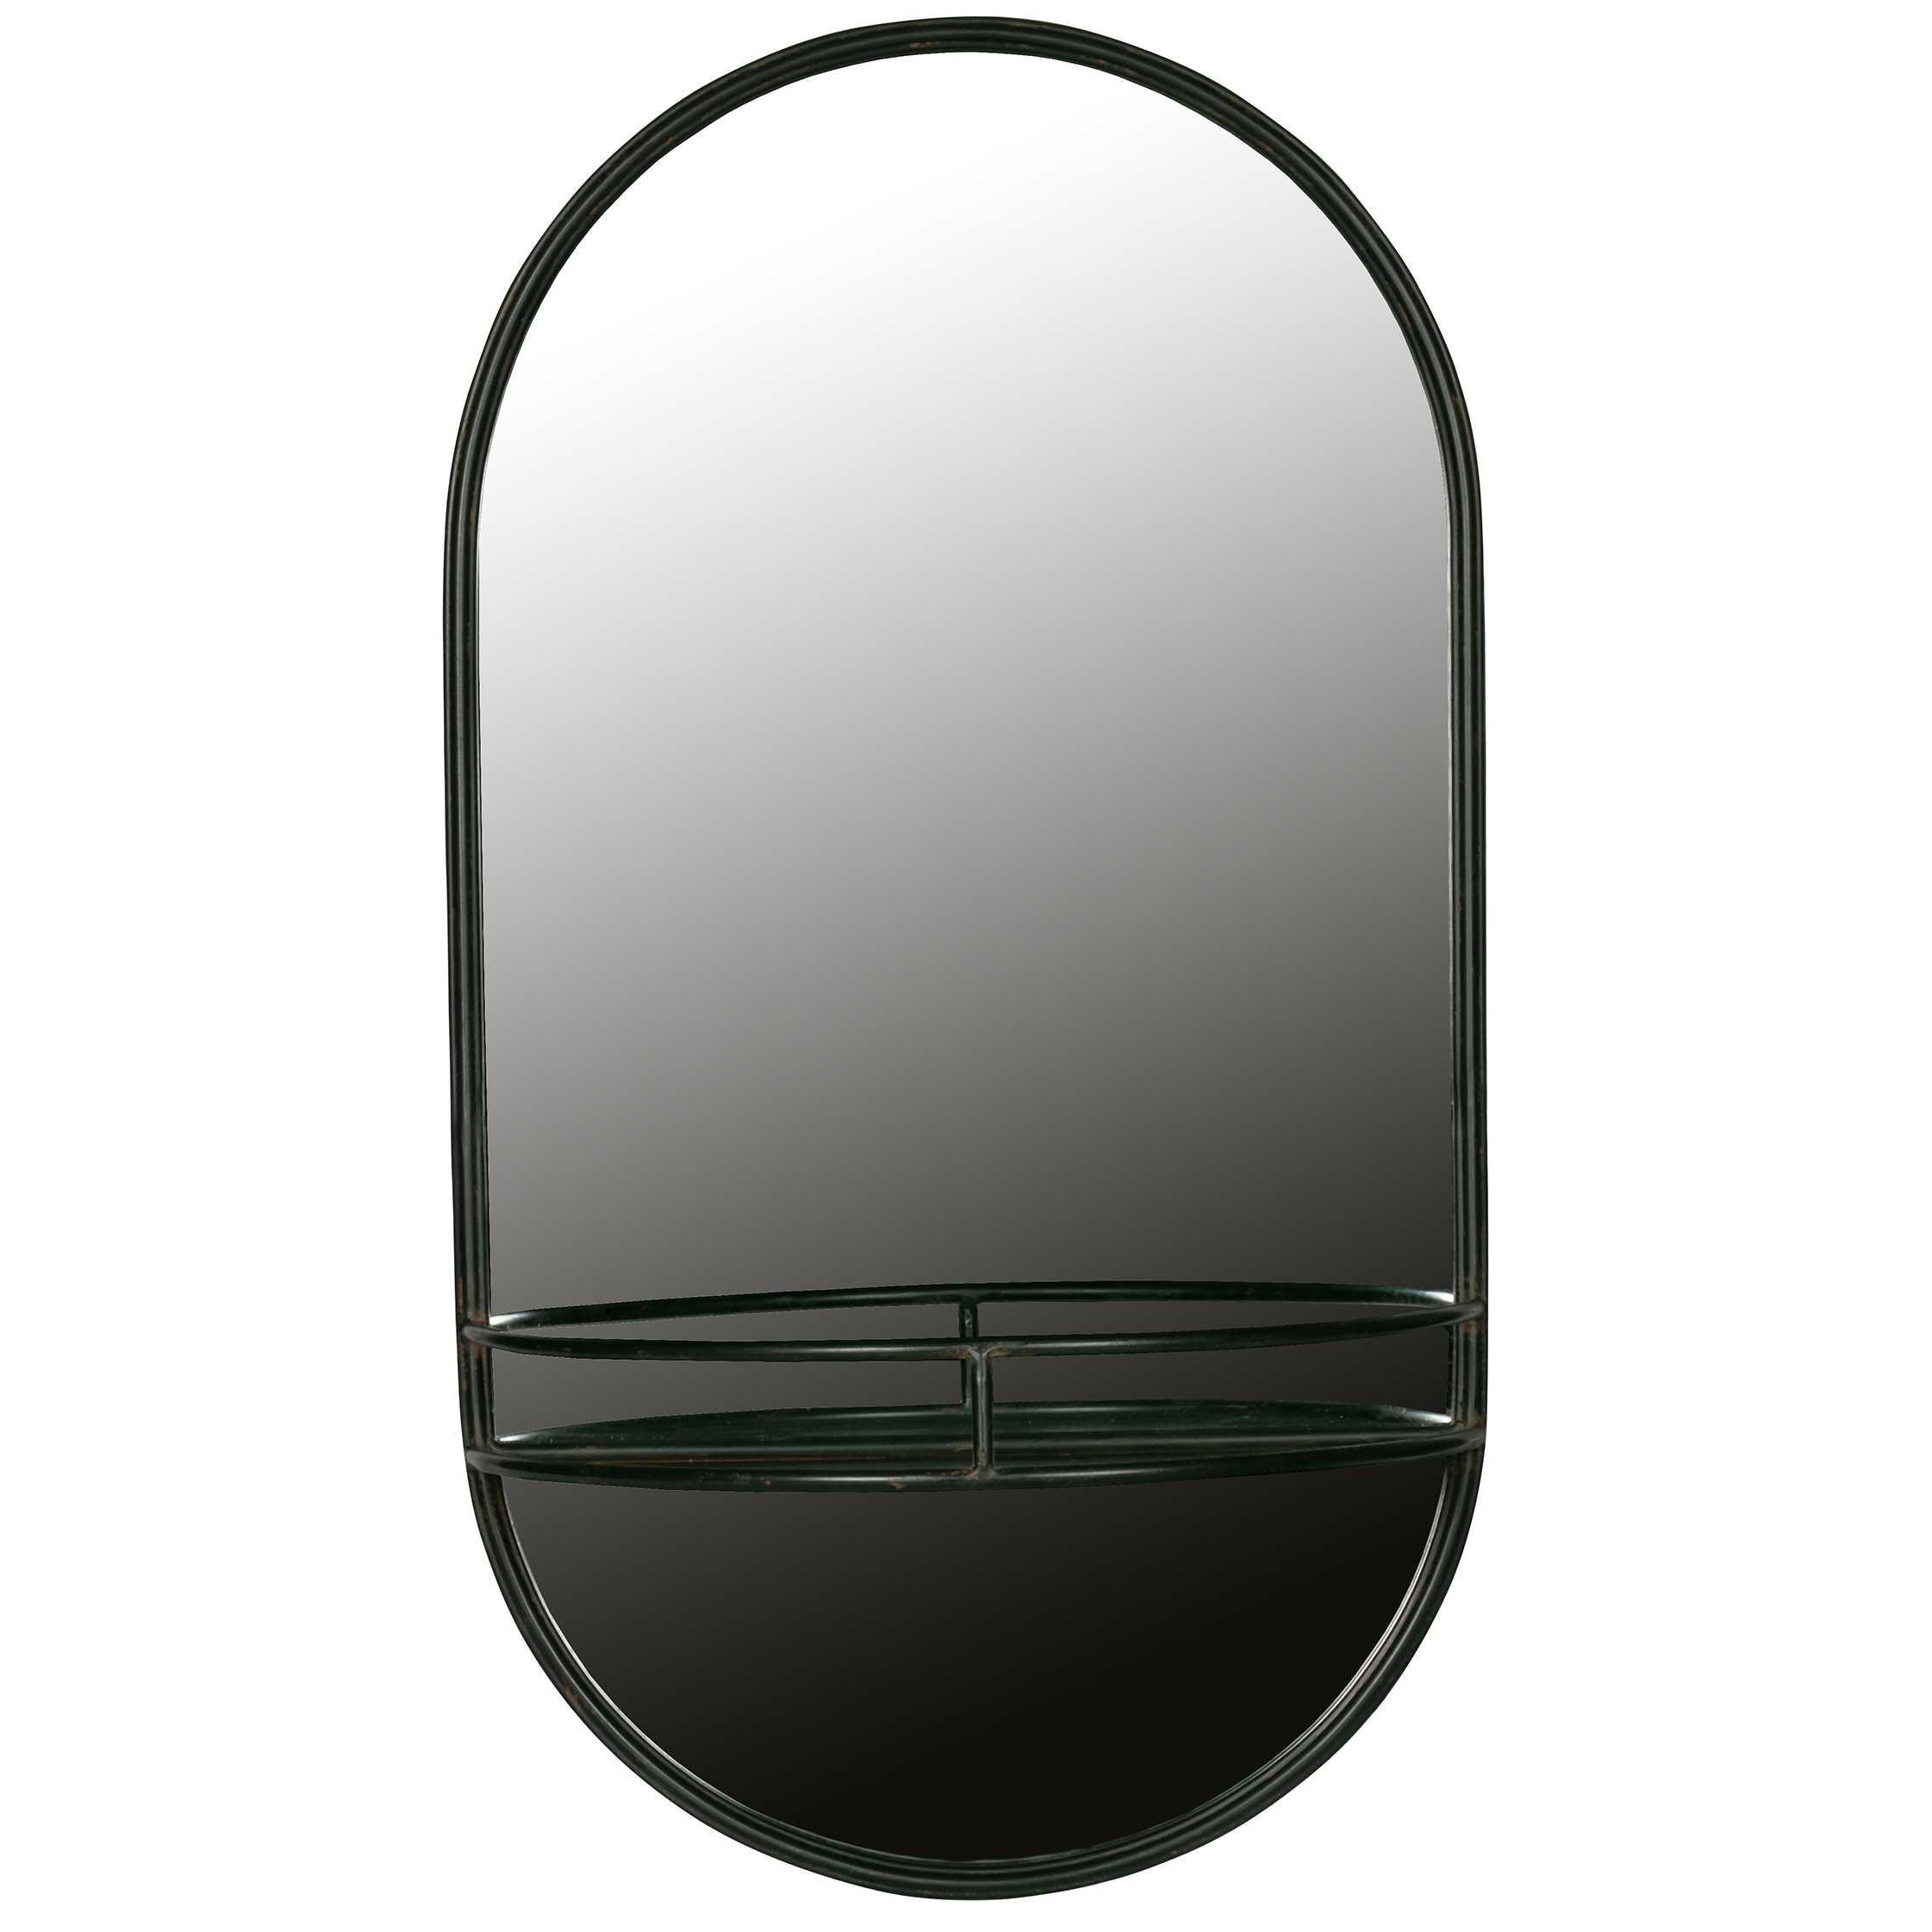 Betere BePureHome Make-up spiegel Metaal   FLINDERS verzendt gratis ED-19